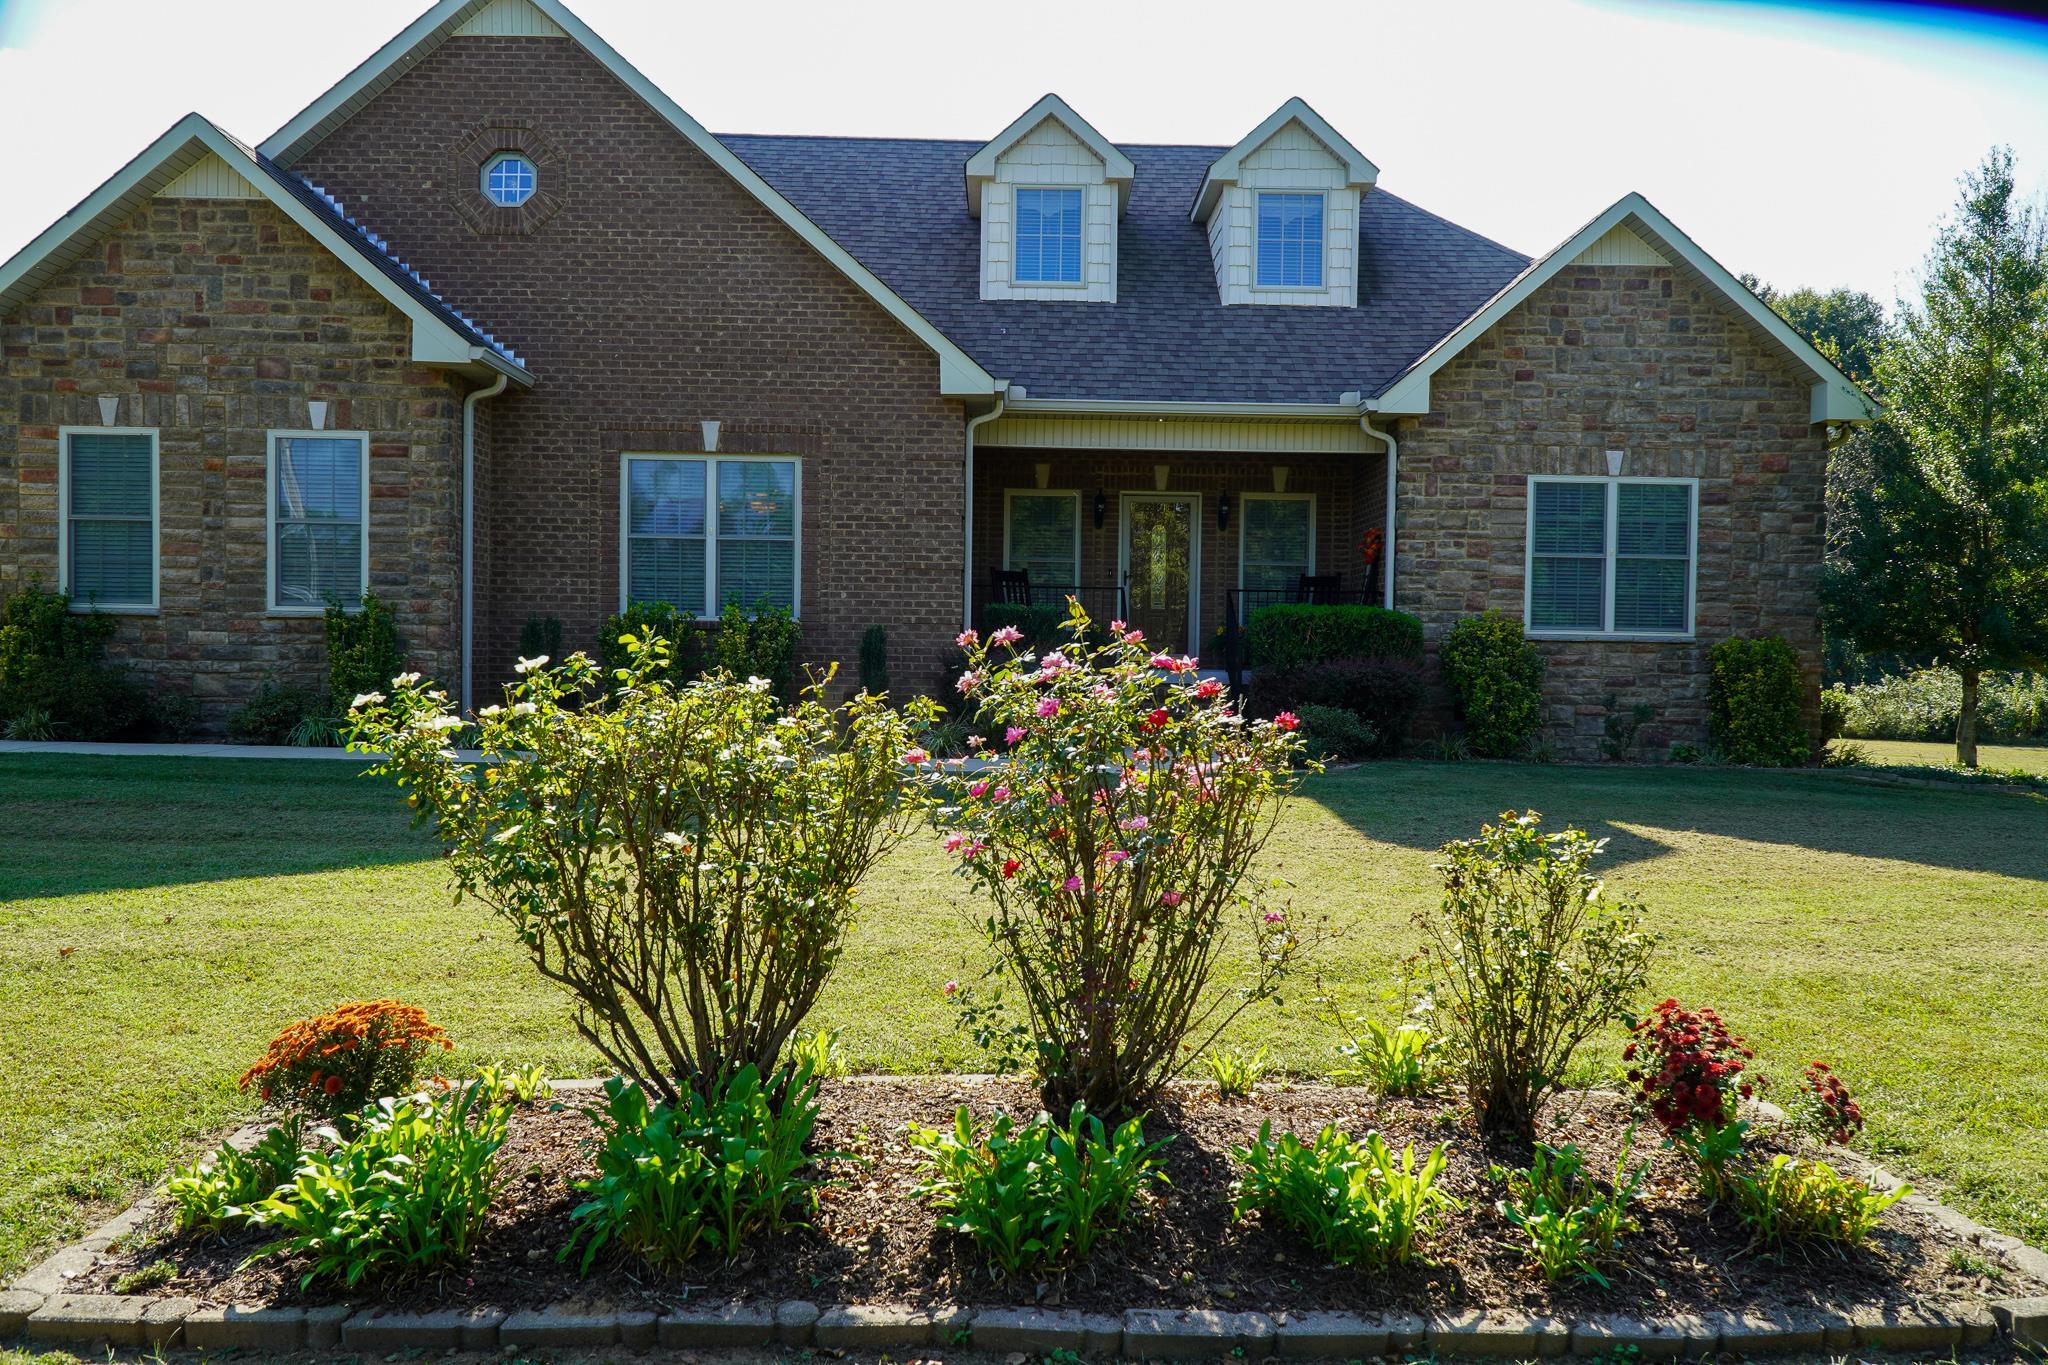 418 Denning Ford Rd, Portland, TN 37148 - Portland, TN real estate listing